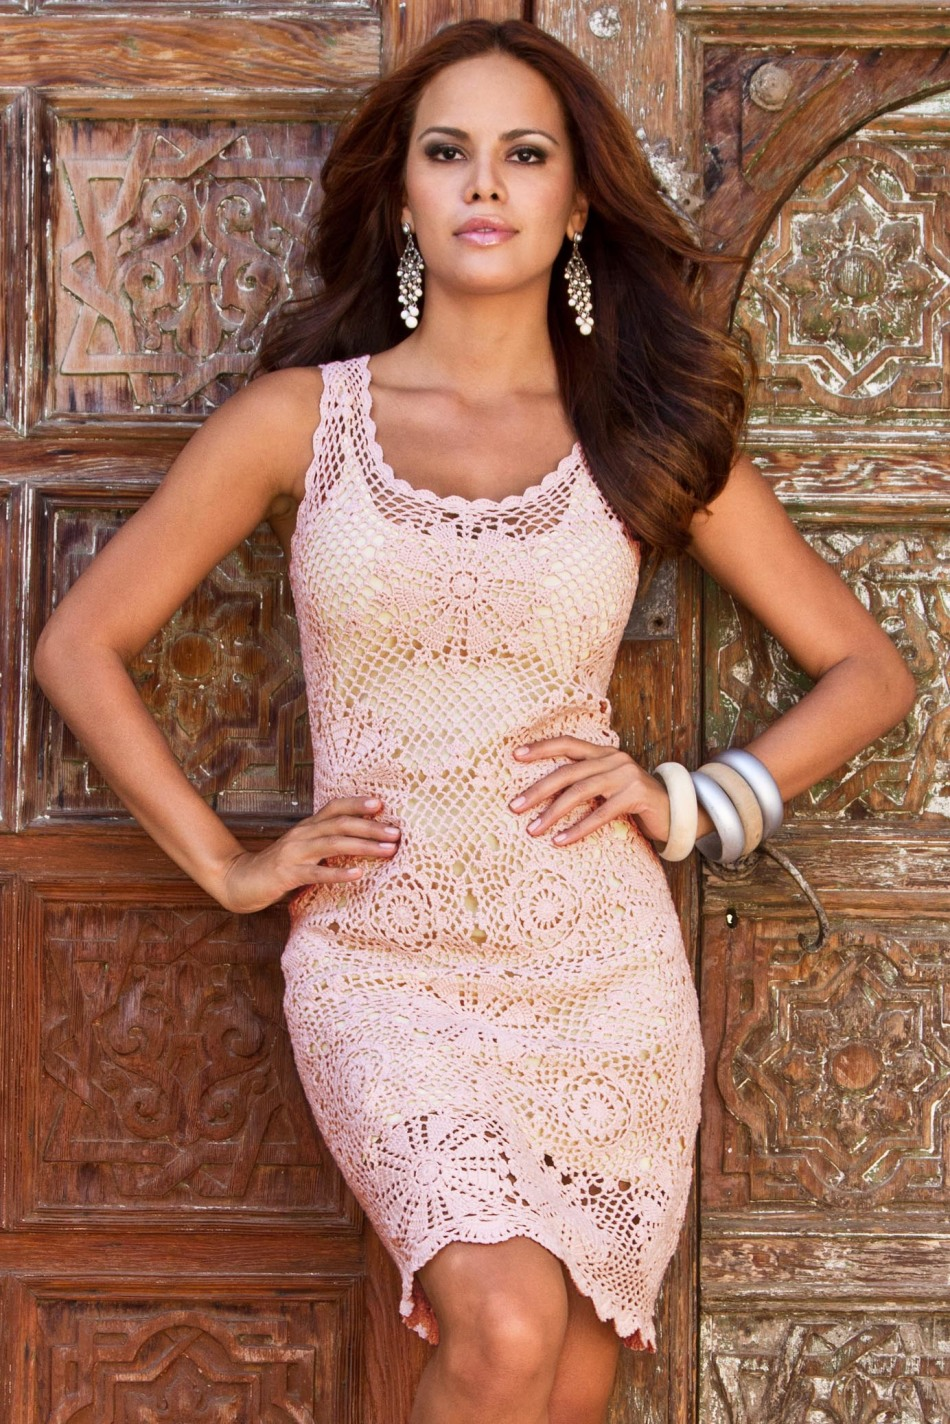 azhurnoe-plate-kryuchkom Как связать платье спицами для женщин? Схемы и описания для начинающих и опытных 48 фото готовых моделей